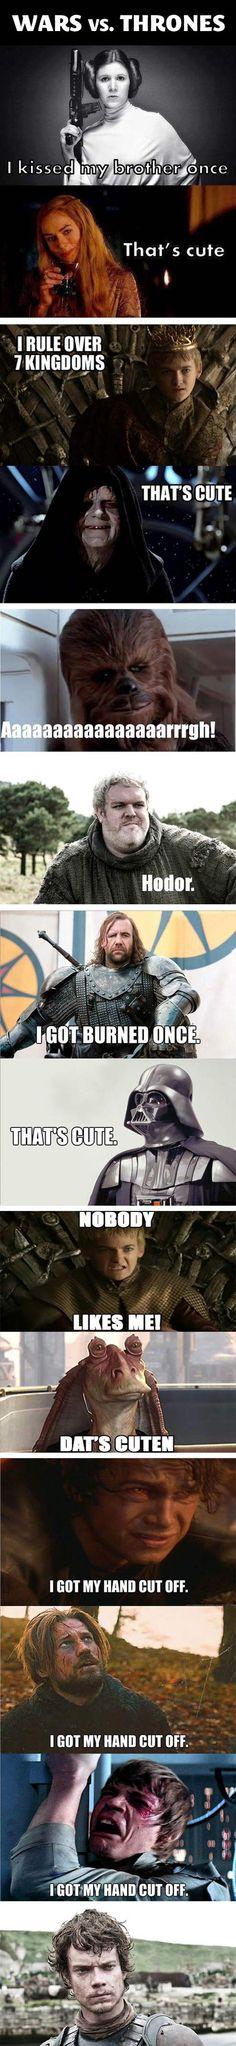 Wars Vs. Thrones